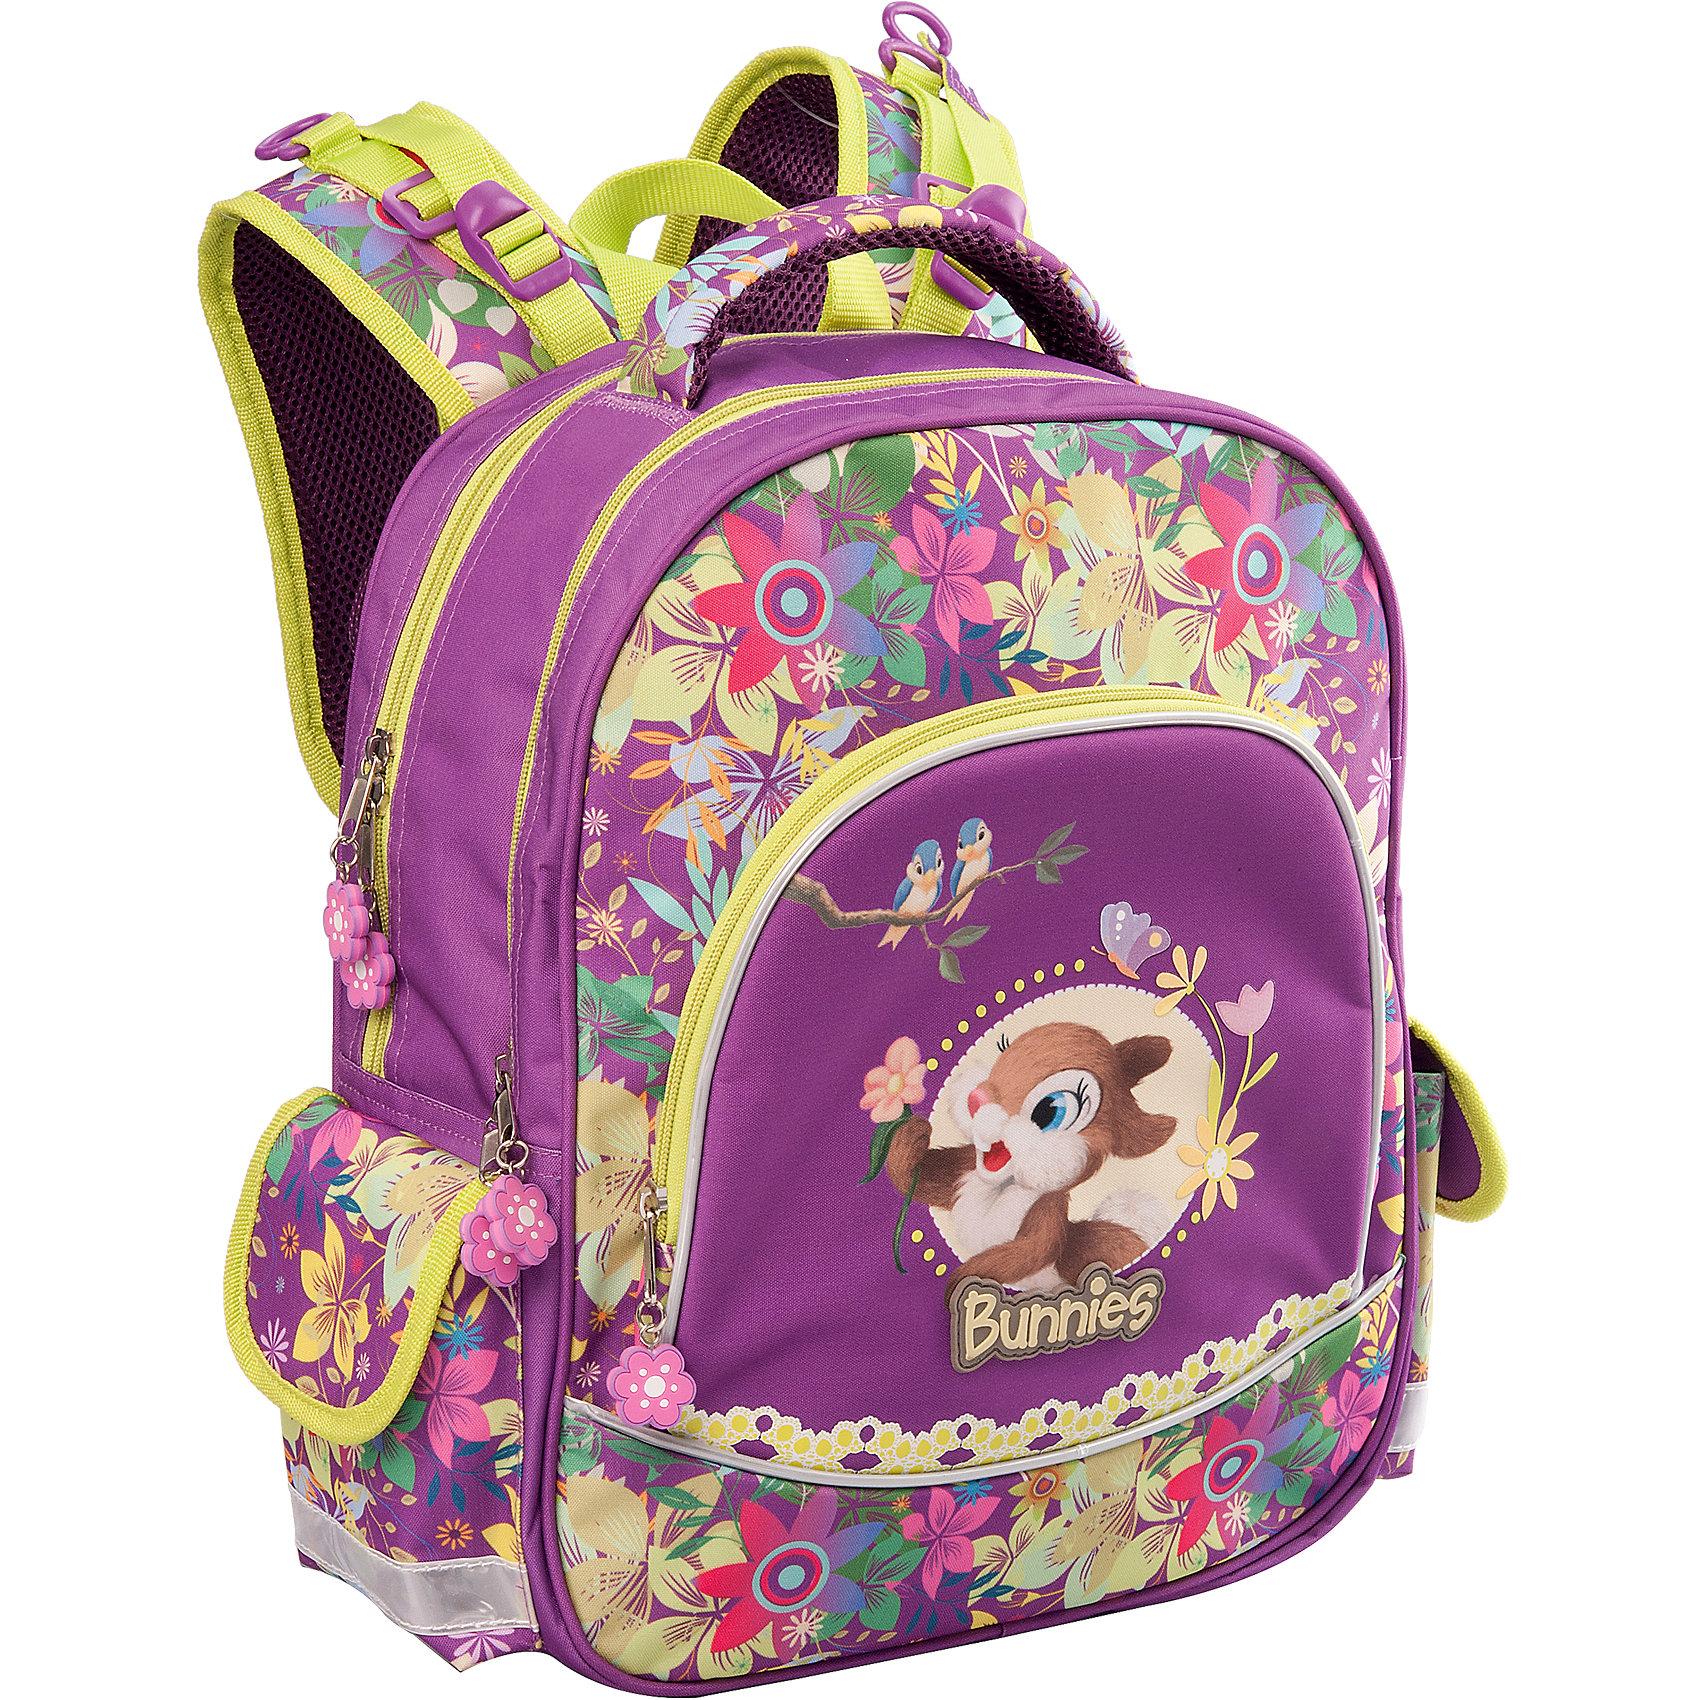 ErichKrause Школьный рюкзак Bunnies рюкзак детский erichkrause erichkrause школьный рюкзак city explorer